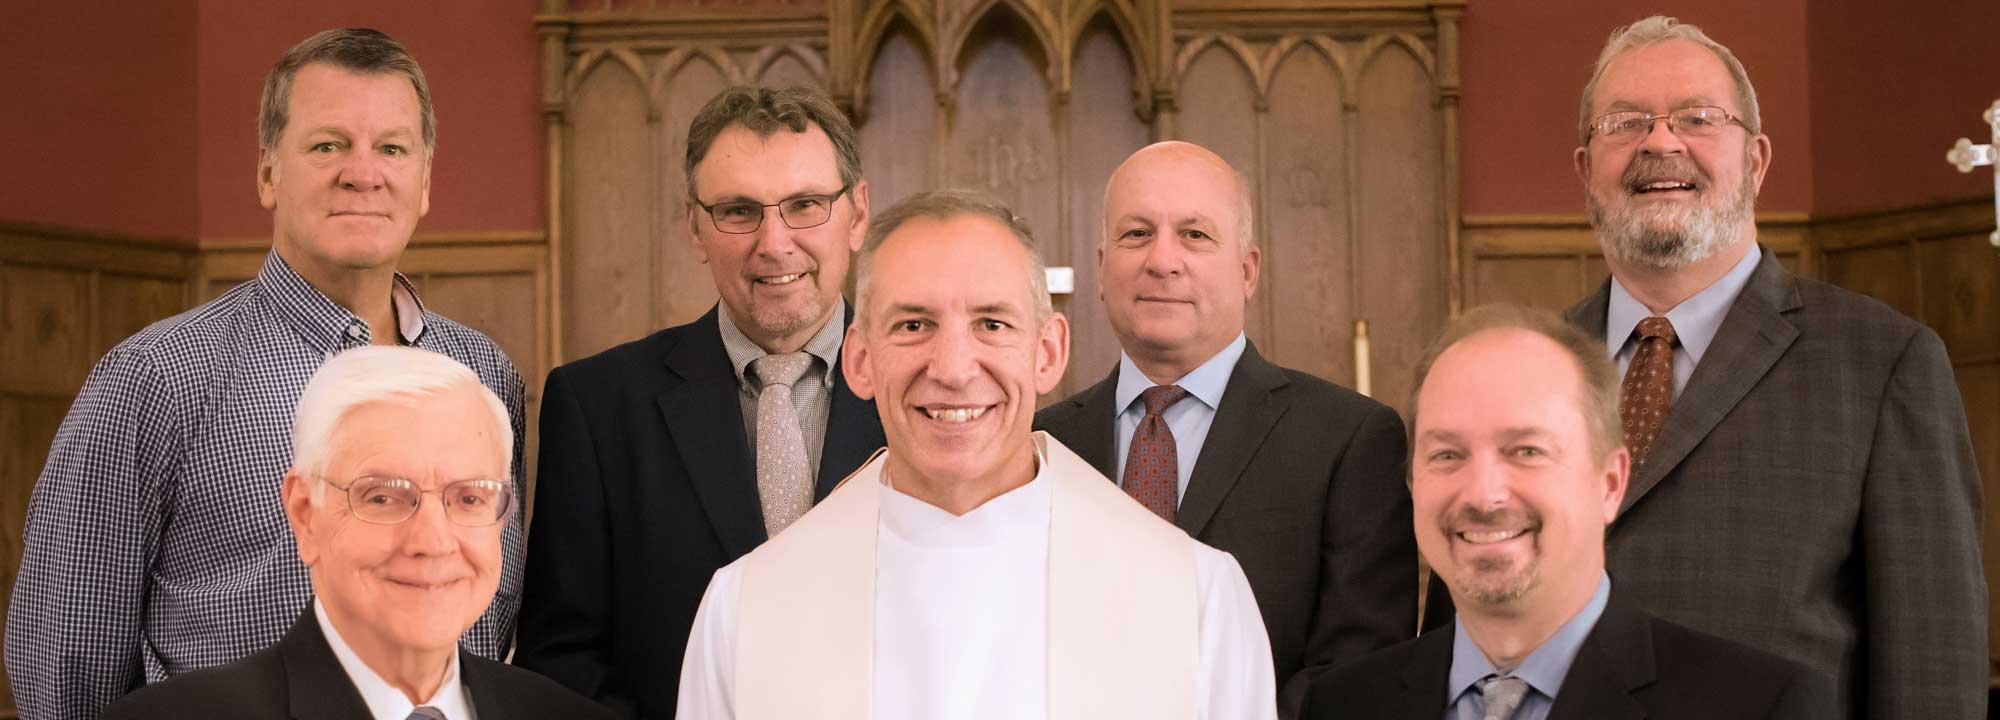 Redeemer Reformed Church Elders